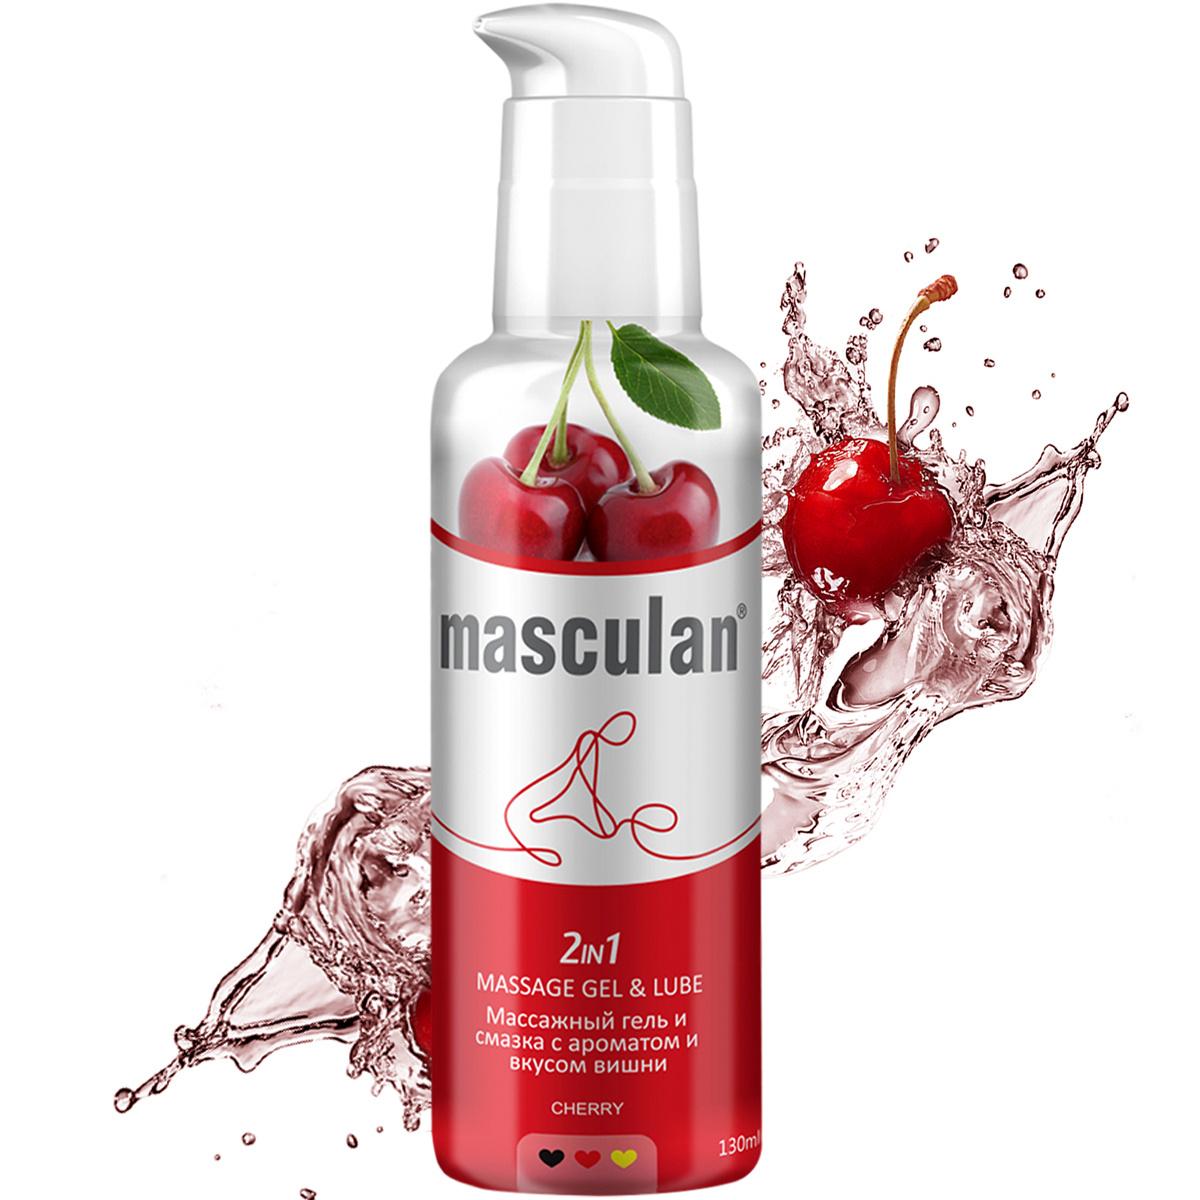 Гель и смазка Masculan с ароматом и вкусом вишни, массажный, 2 в 1, 130 мл  #1